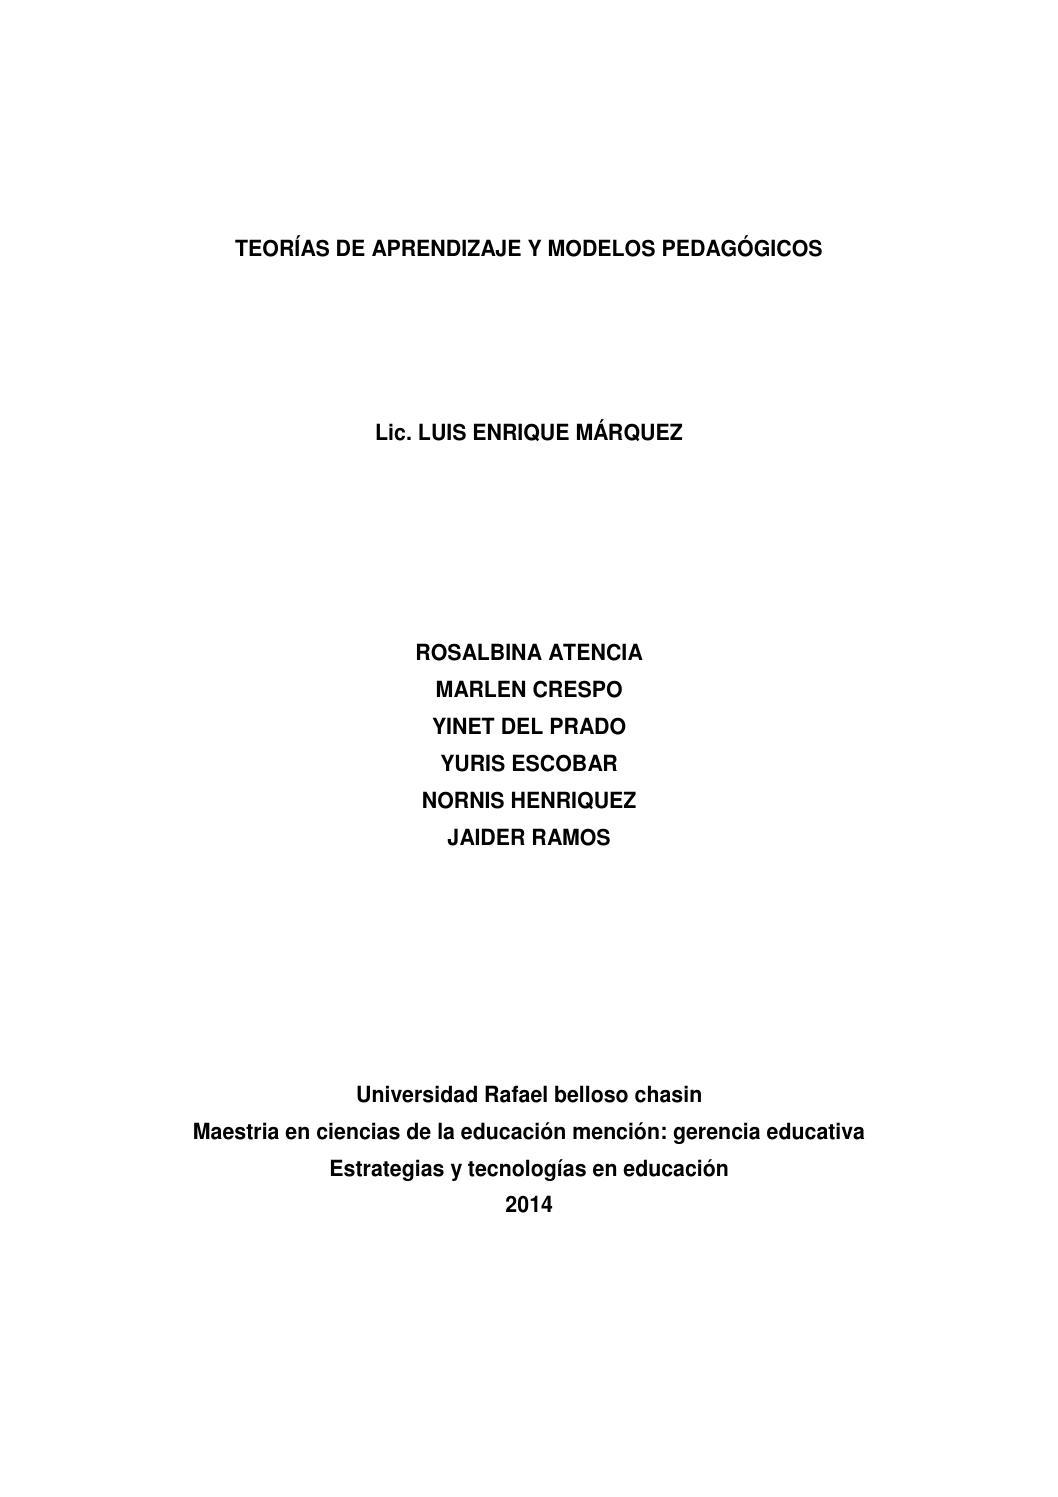 Teorias y modelos pedagogicos by Rosalbina Atencia - issuu